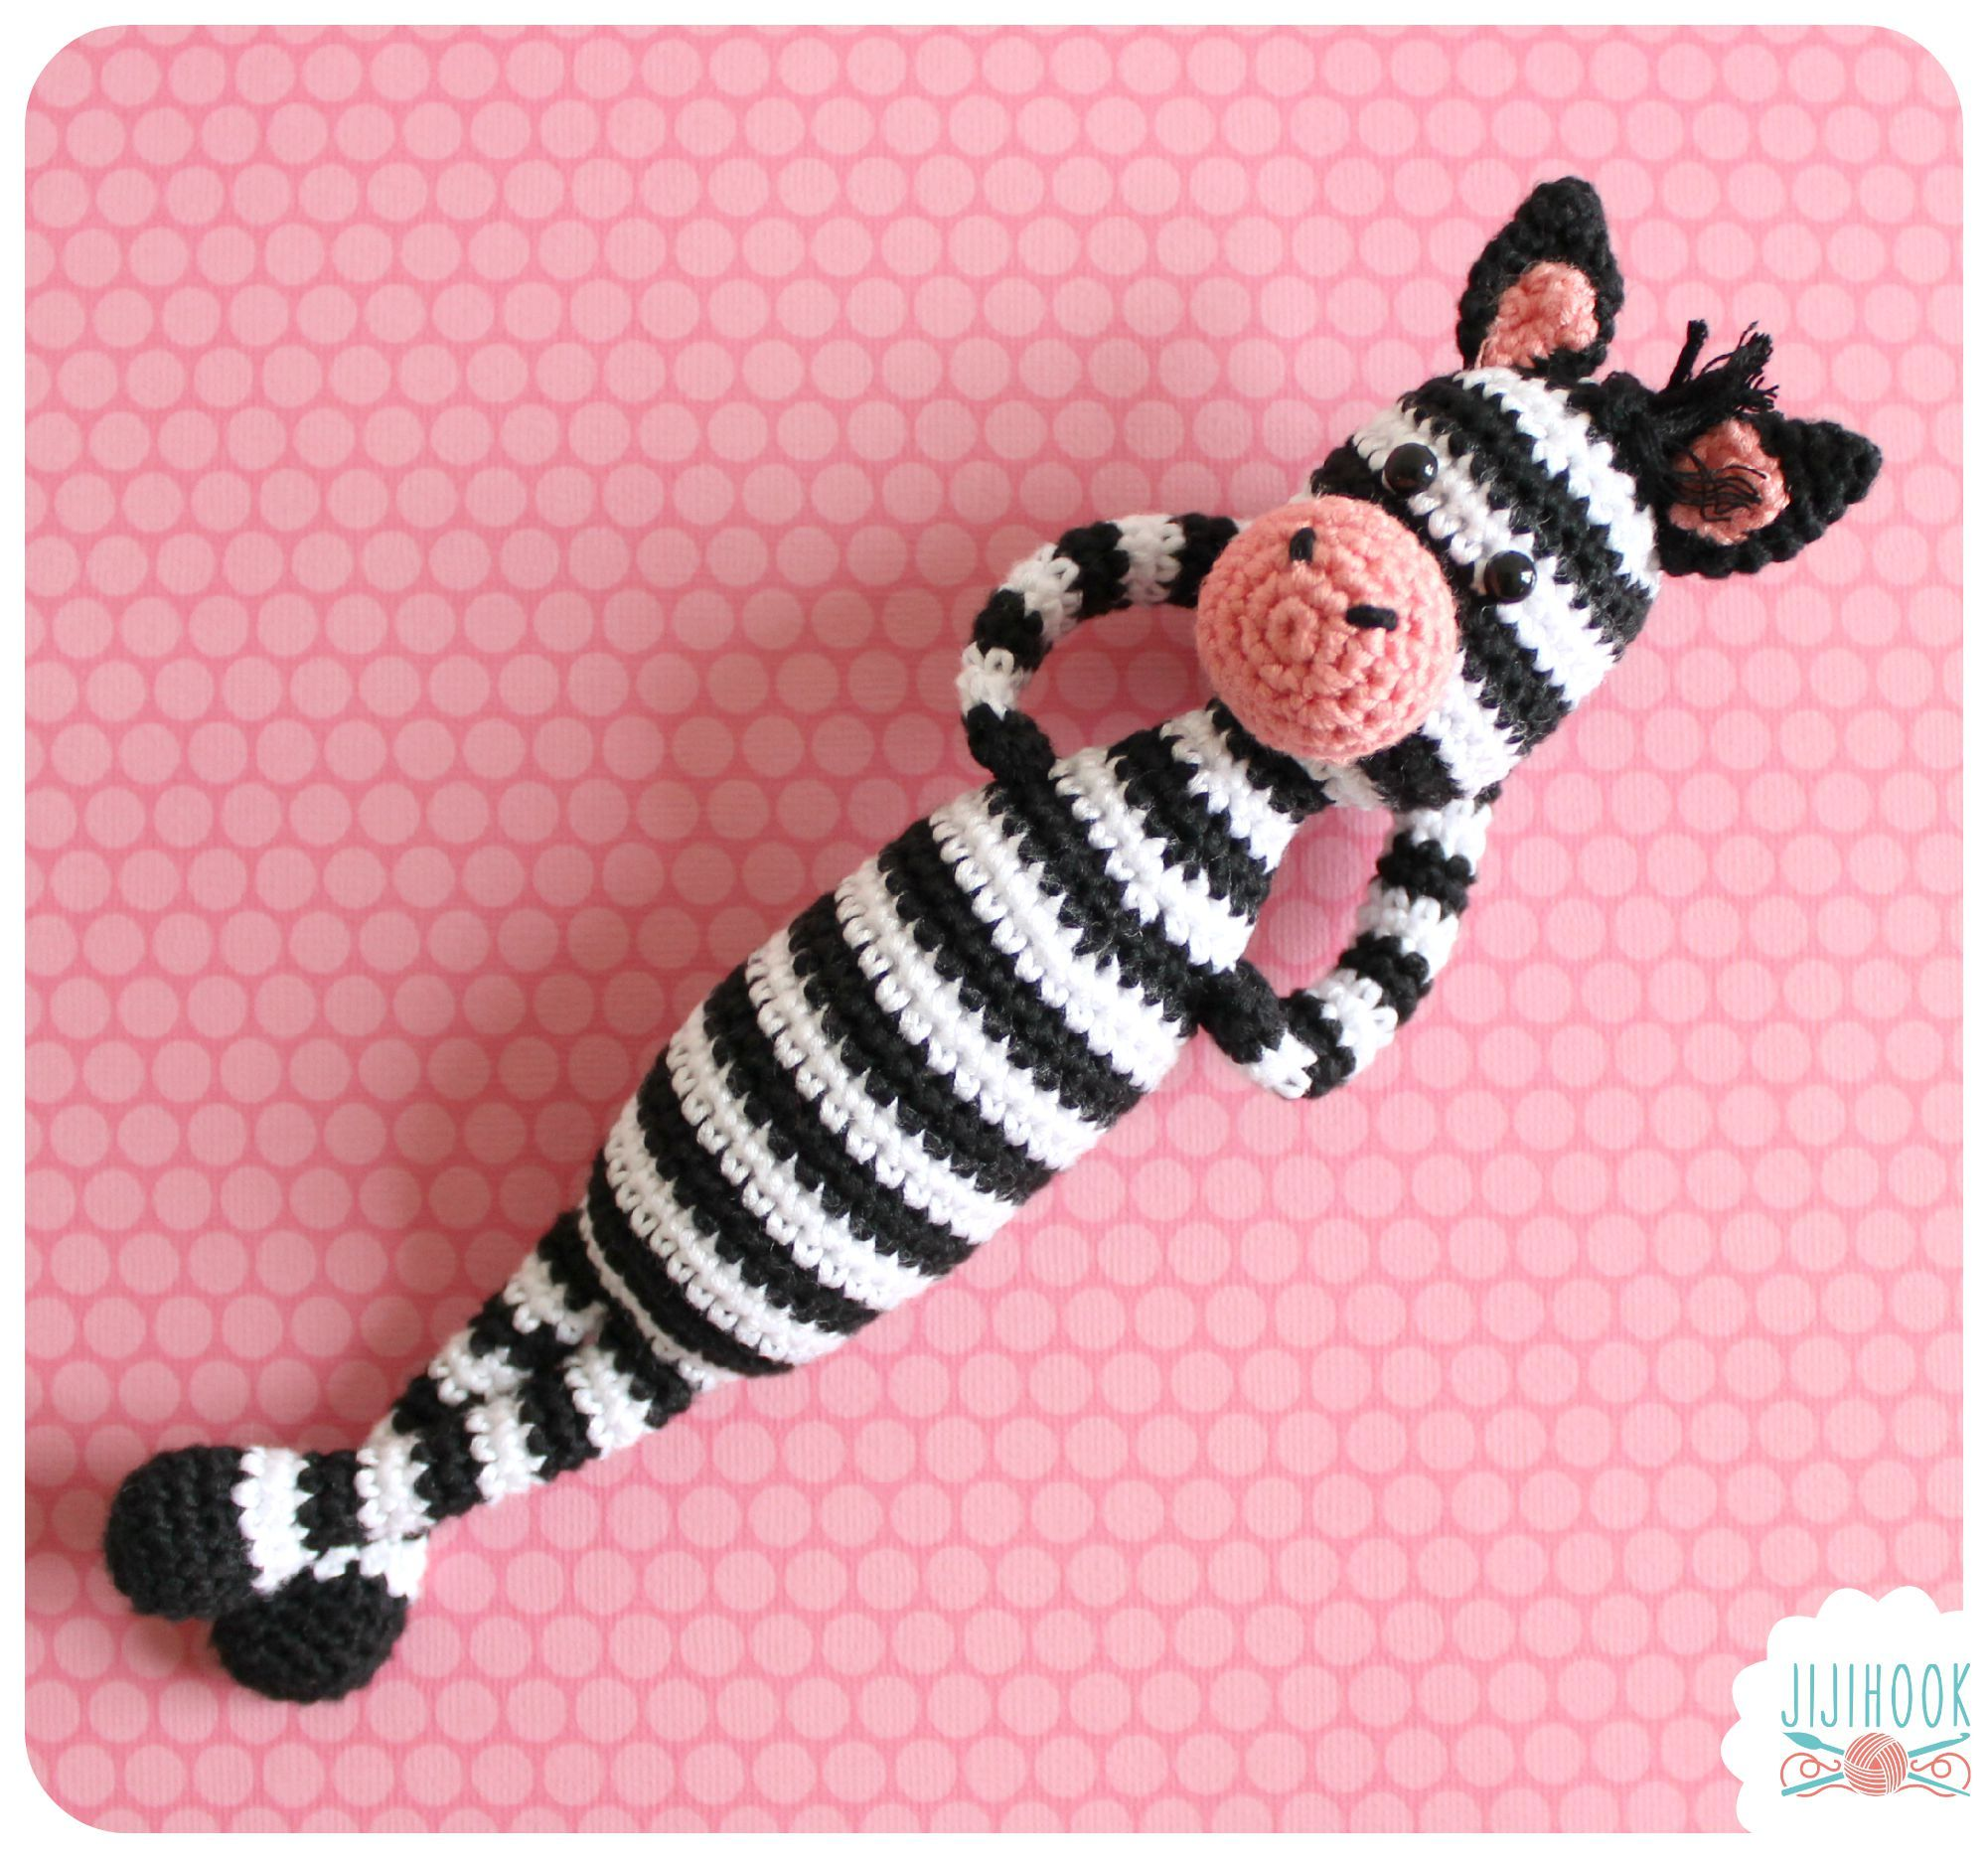 Zebra Crochet Pattern   Amigurumi häkeln, Häkelideen und Amigurumi